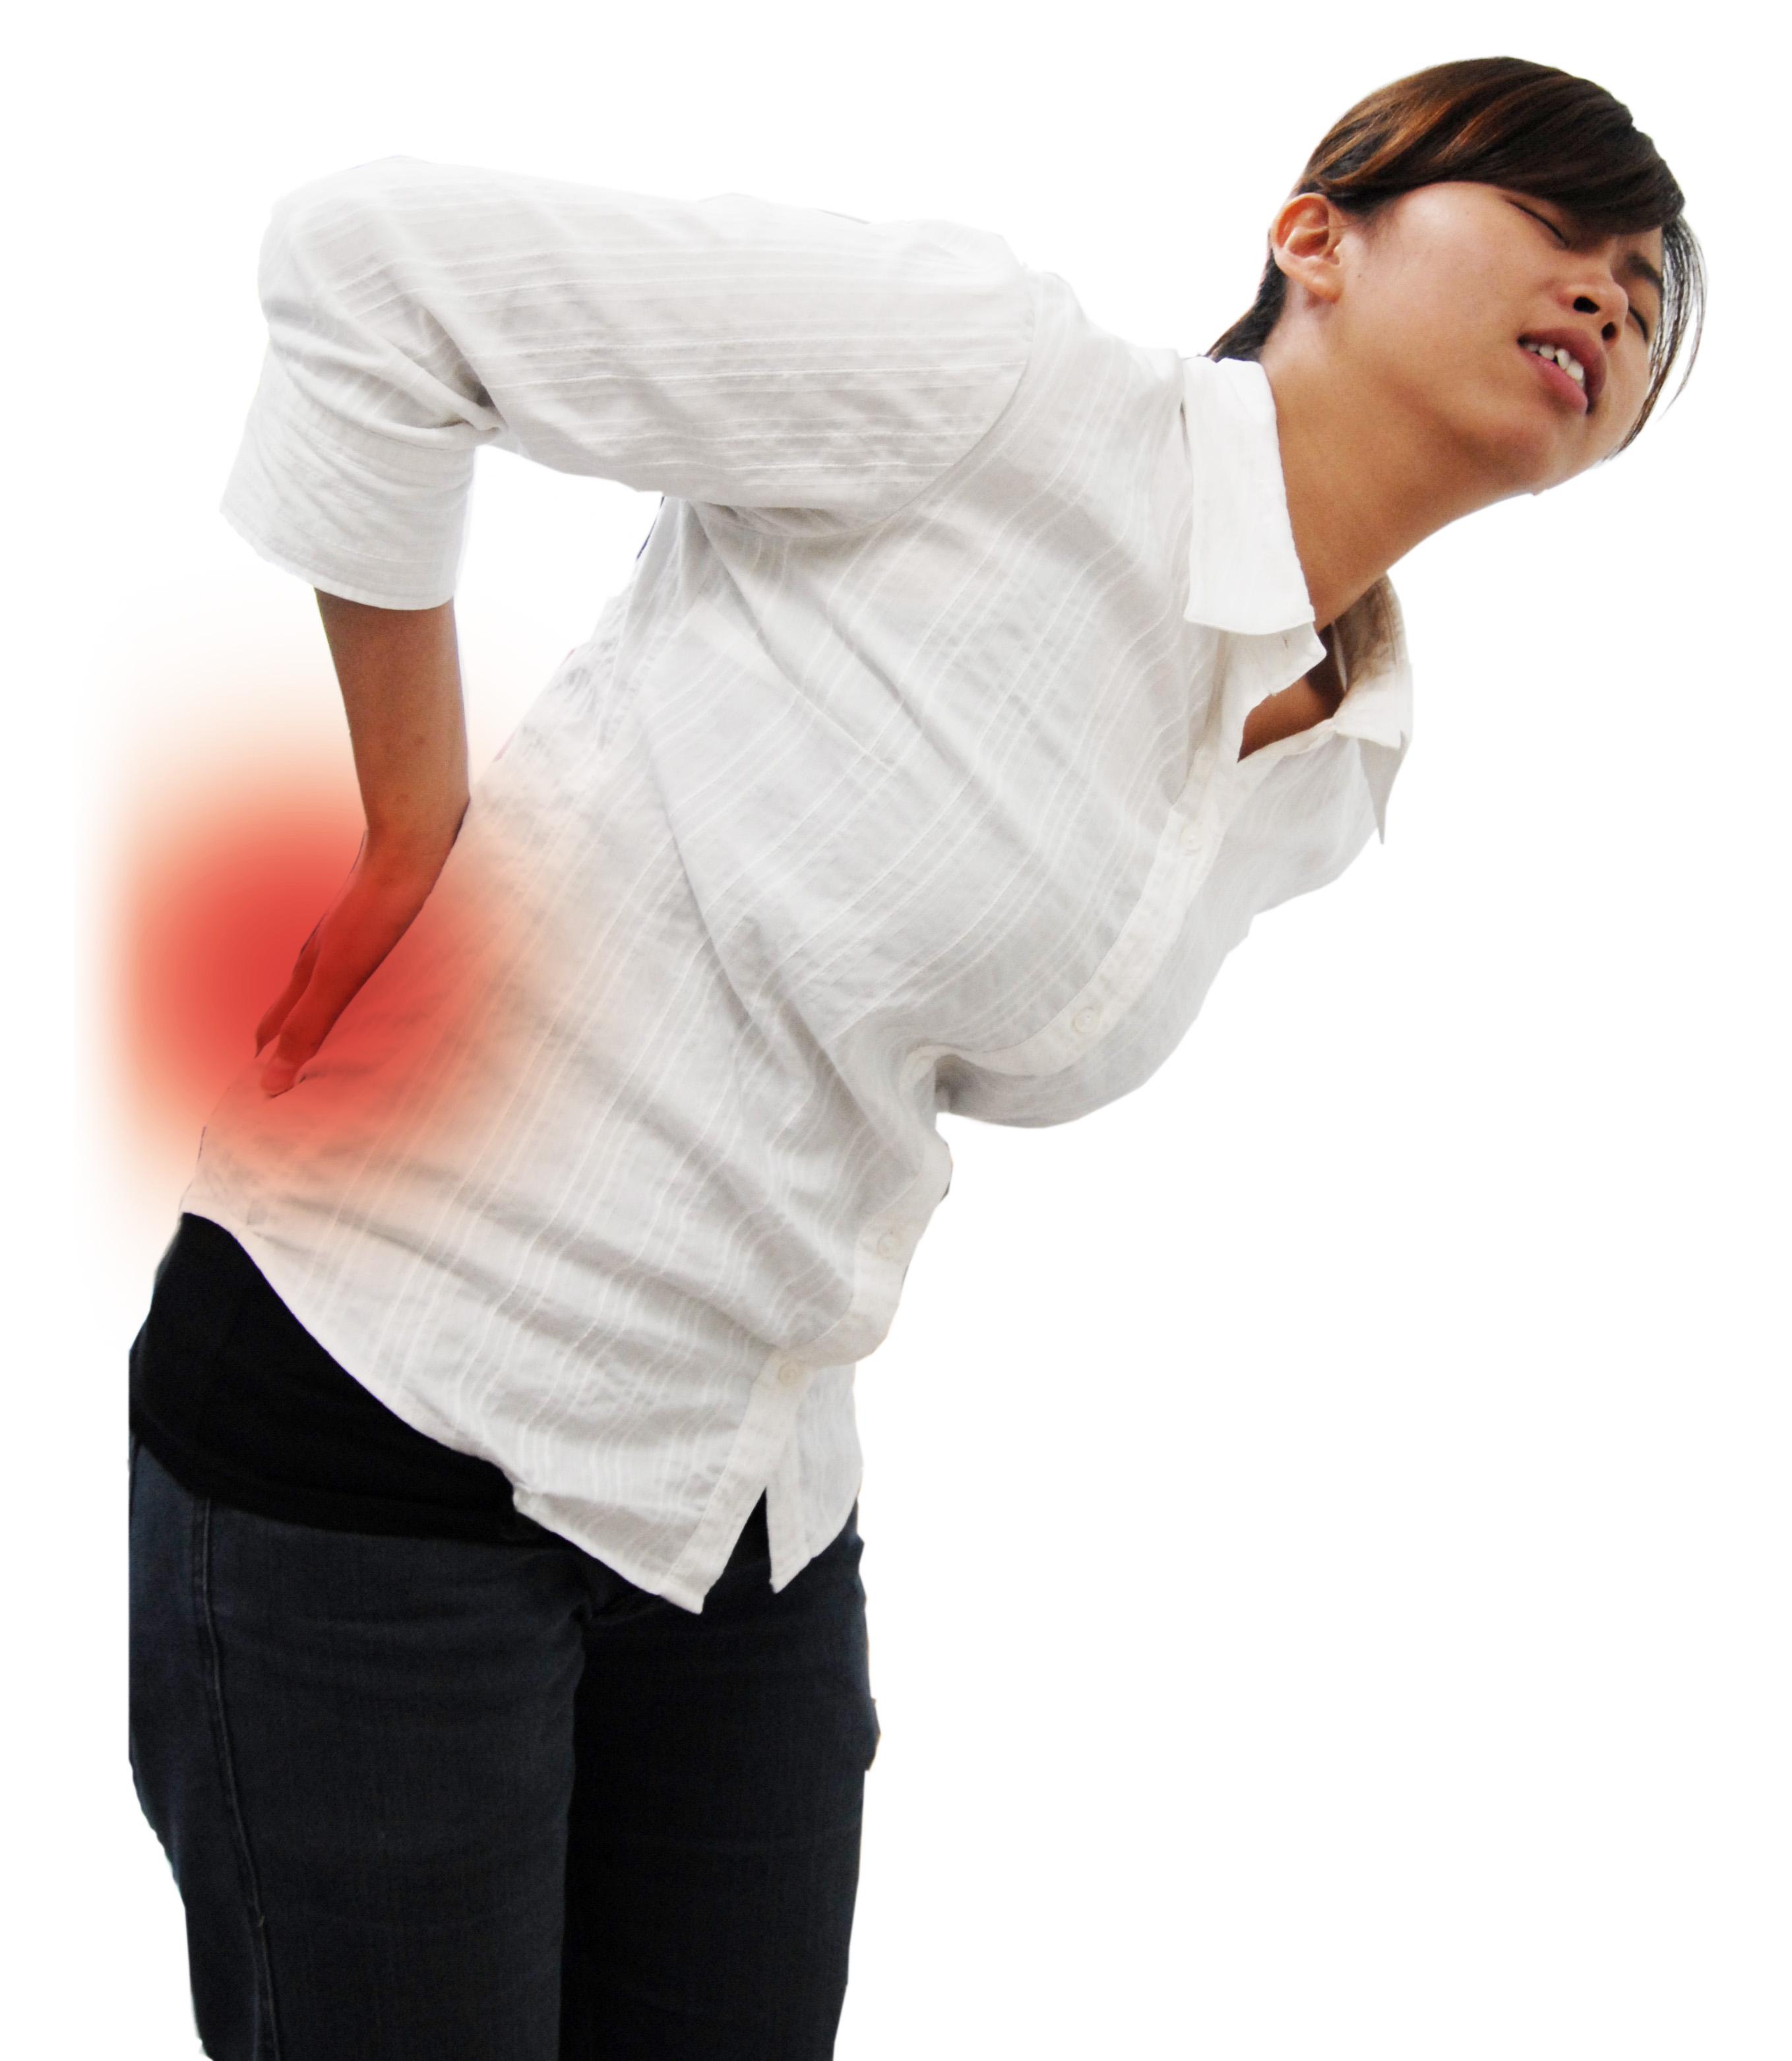 有些病人背痛好幾年了都沒有改善,不斷地吃止痛藥,最後症狀不但沒好,反而還吃到胃出血。